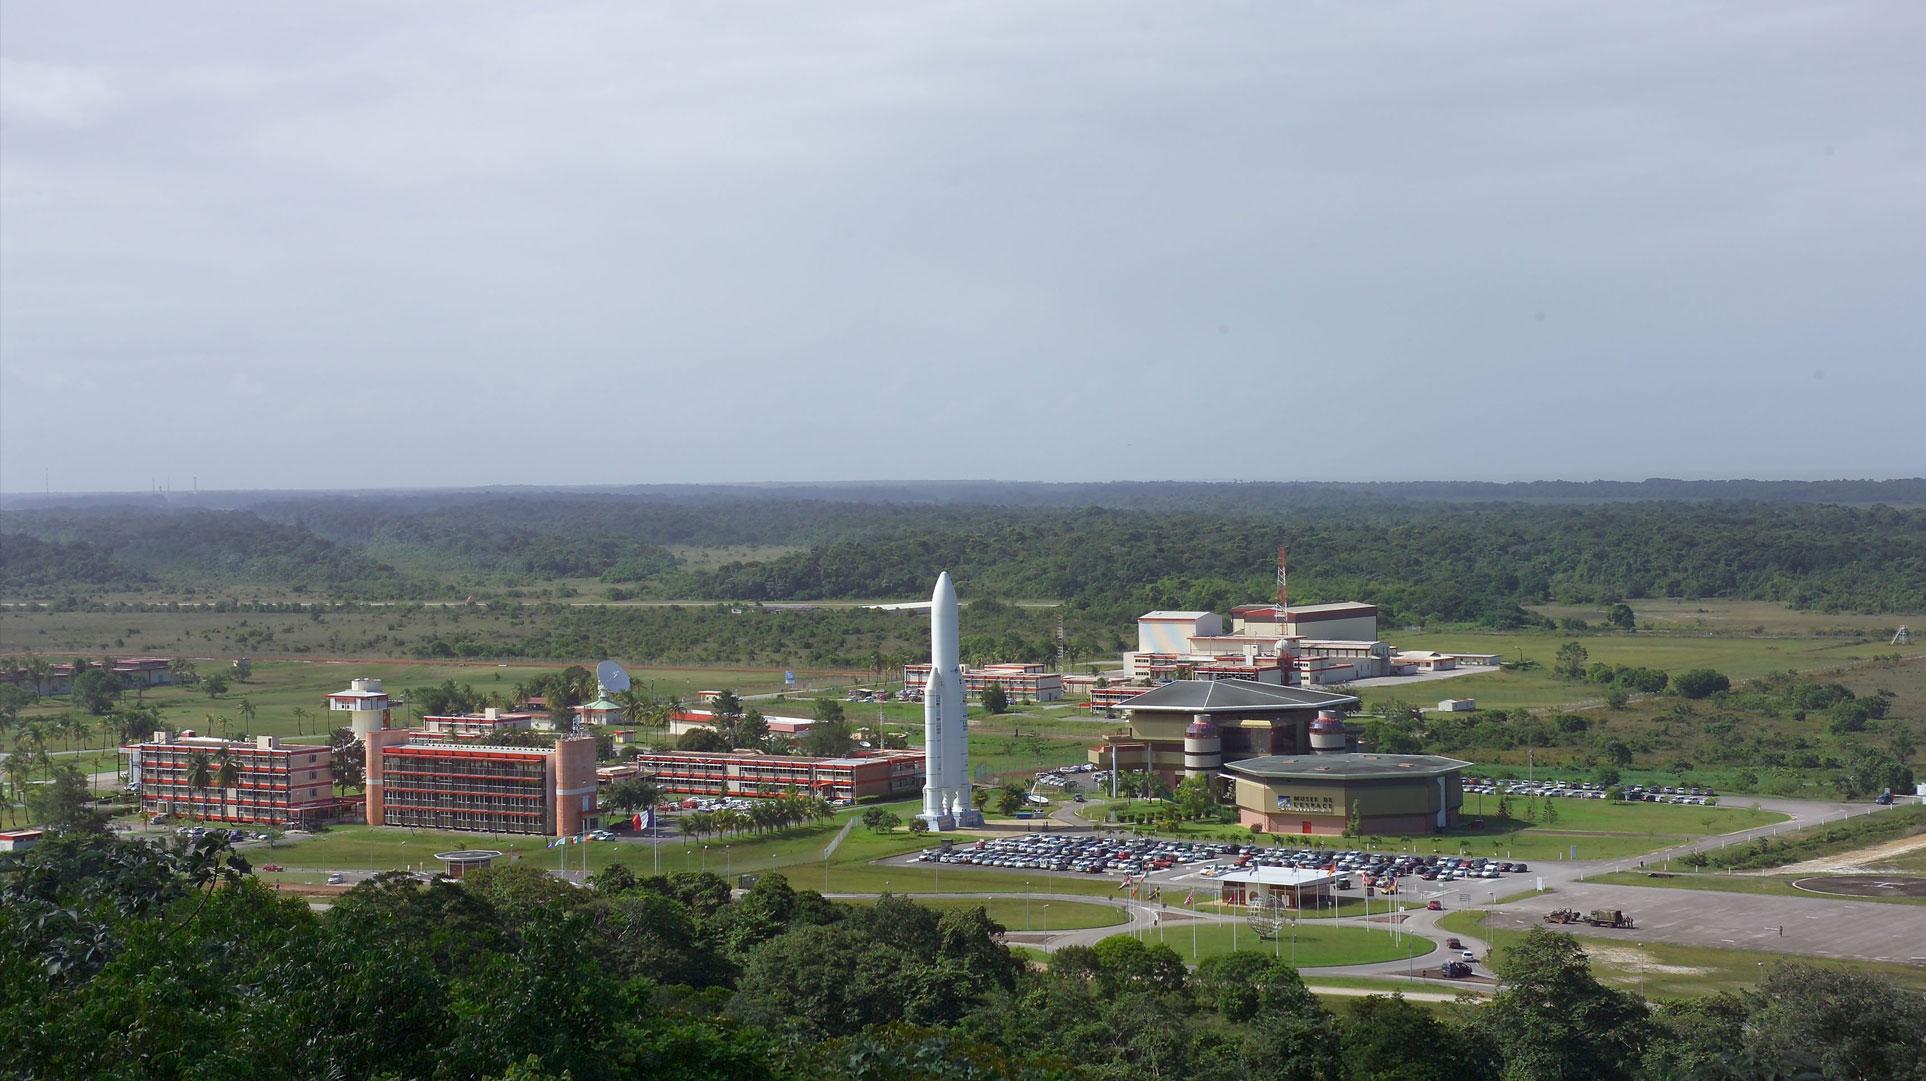 Yleisnäkymä Kouroun avaruuskeskukseen